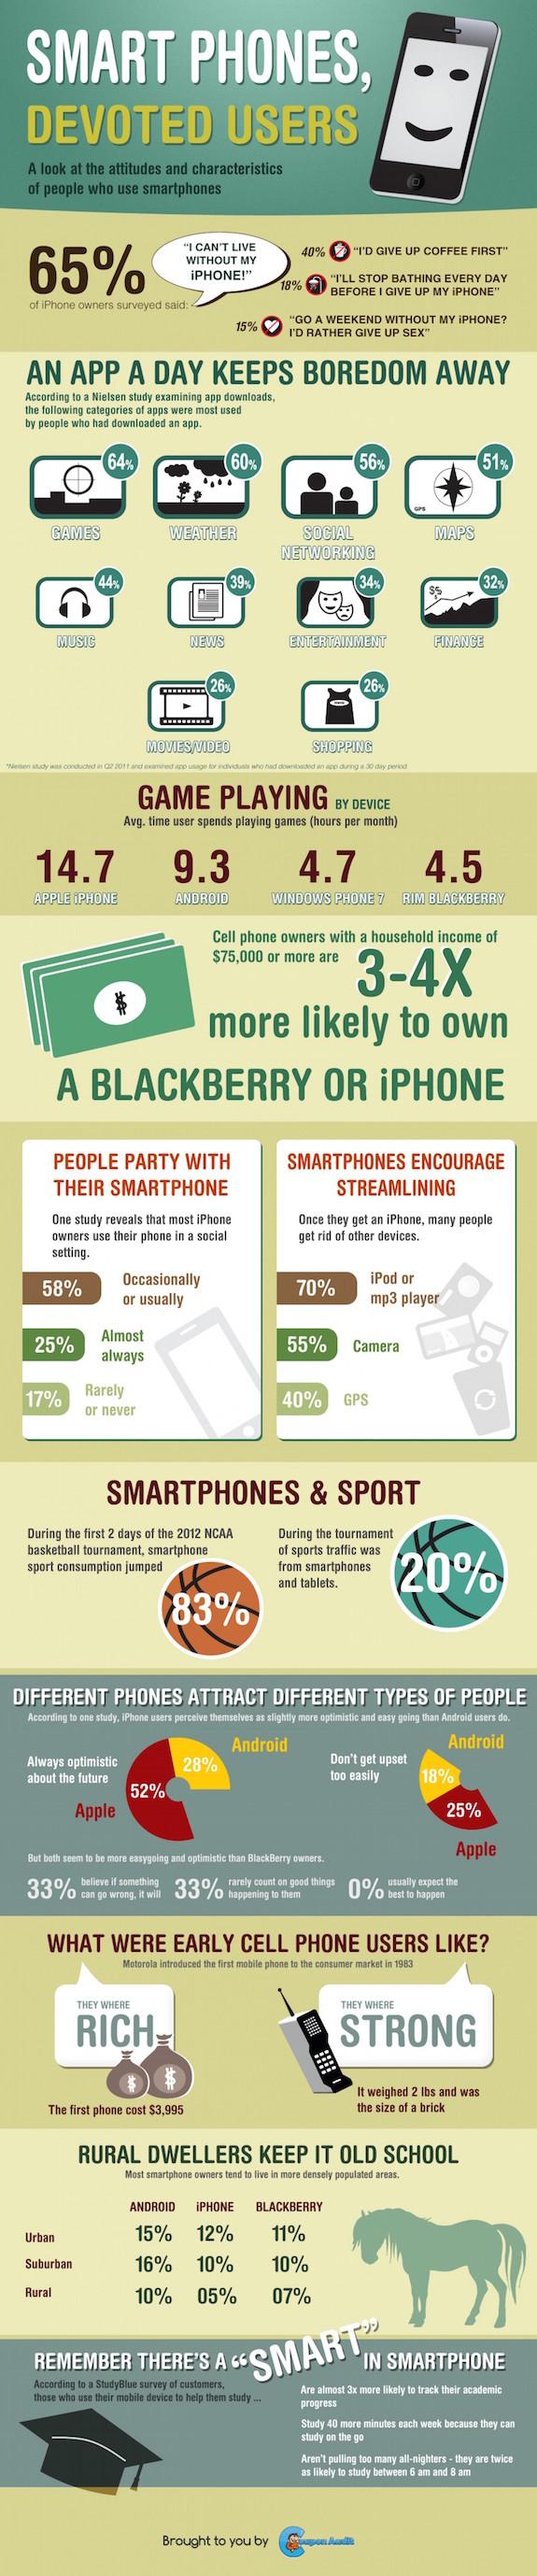 Smartphone-Sucht, Smartphones, Krankheit, Sucht, abhängigkeit